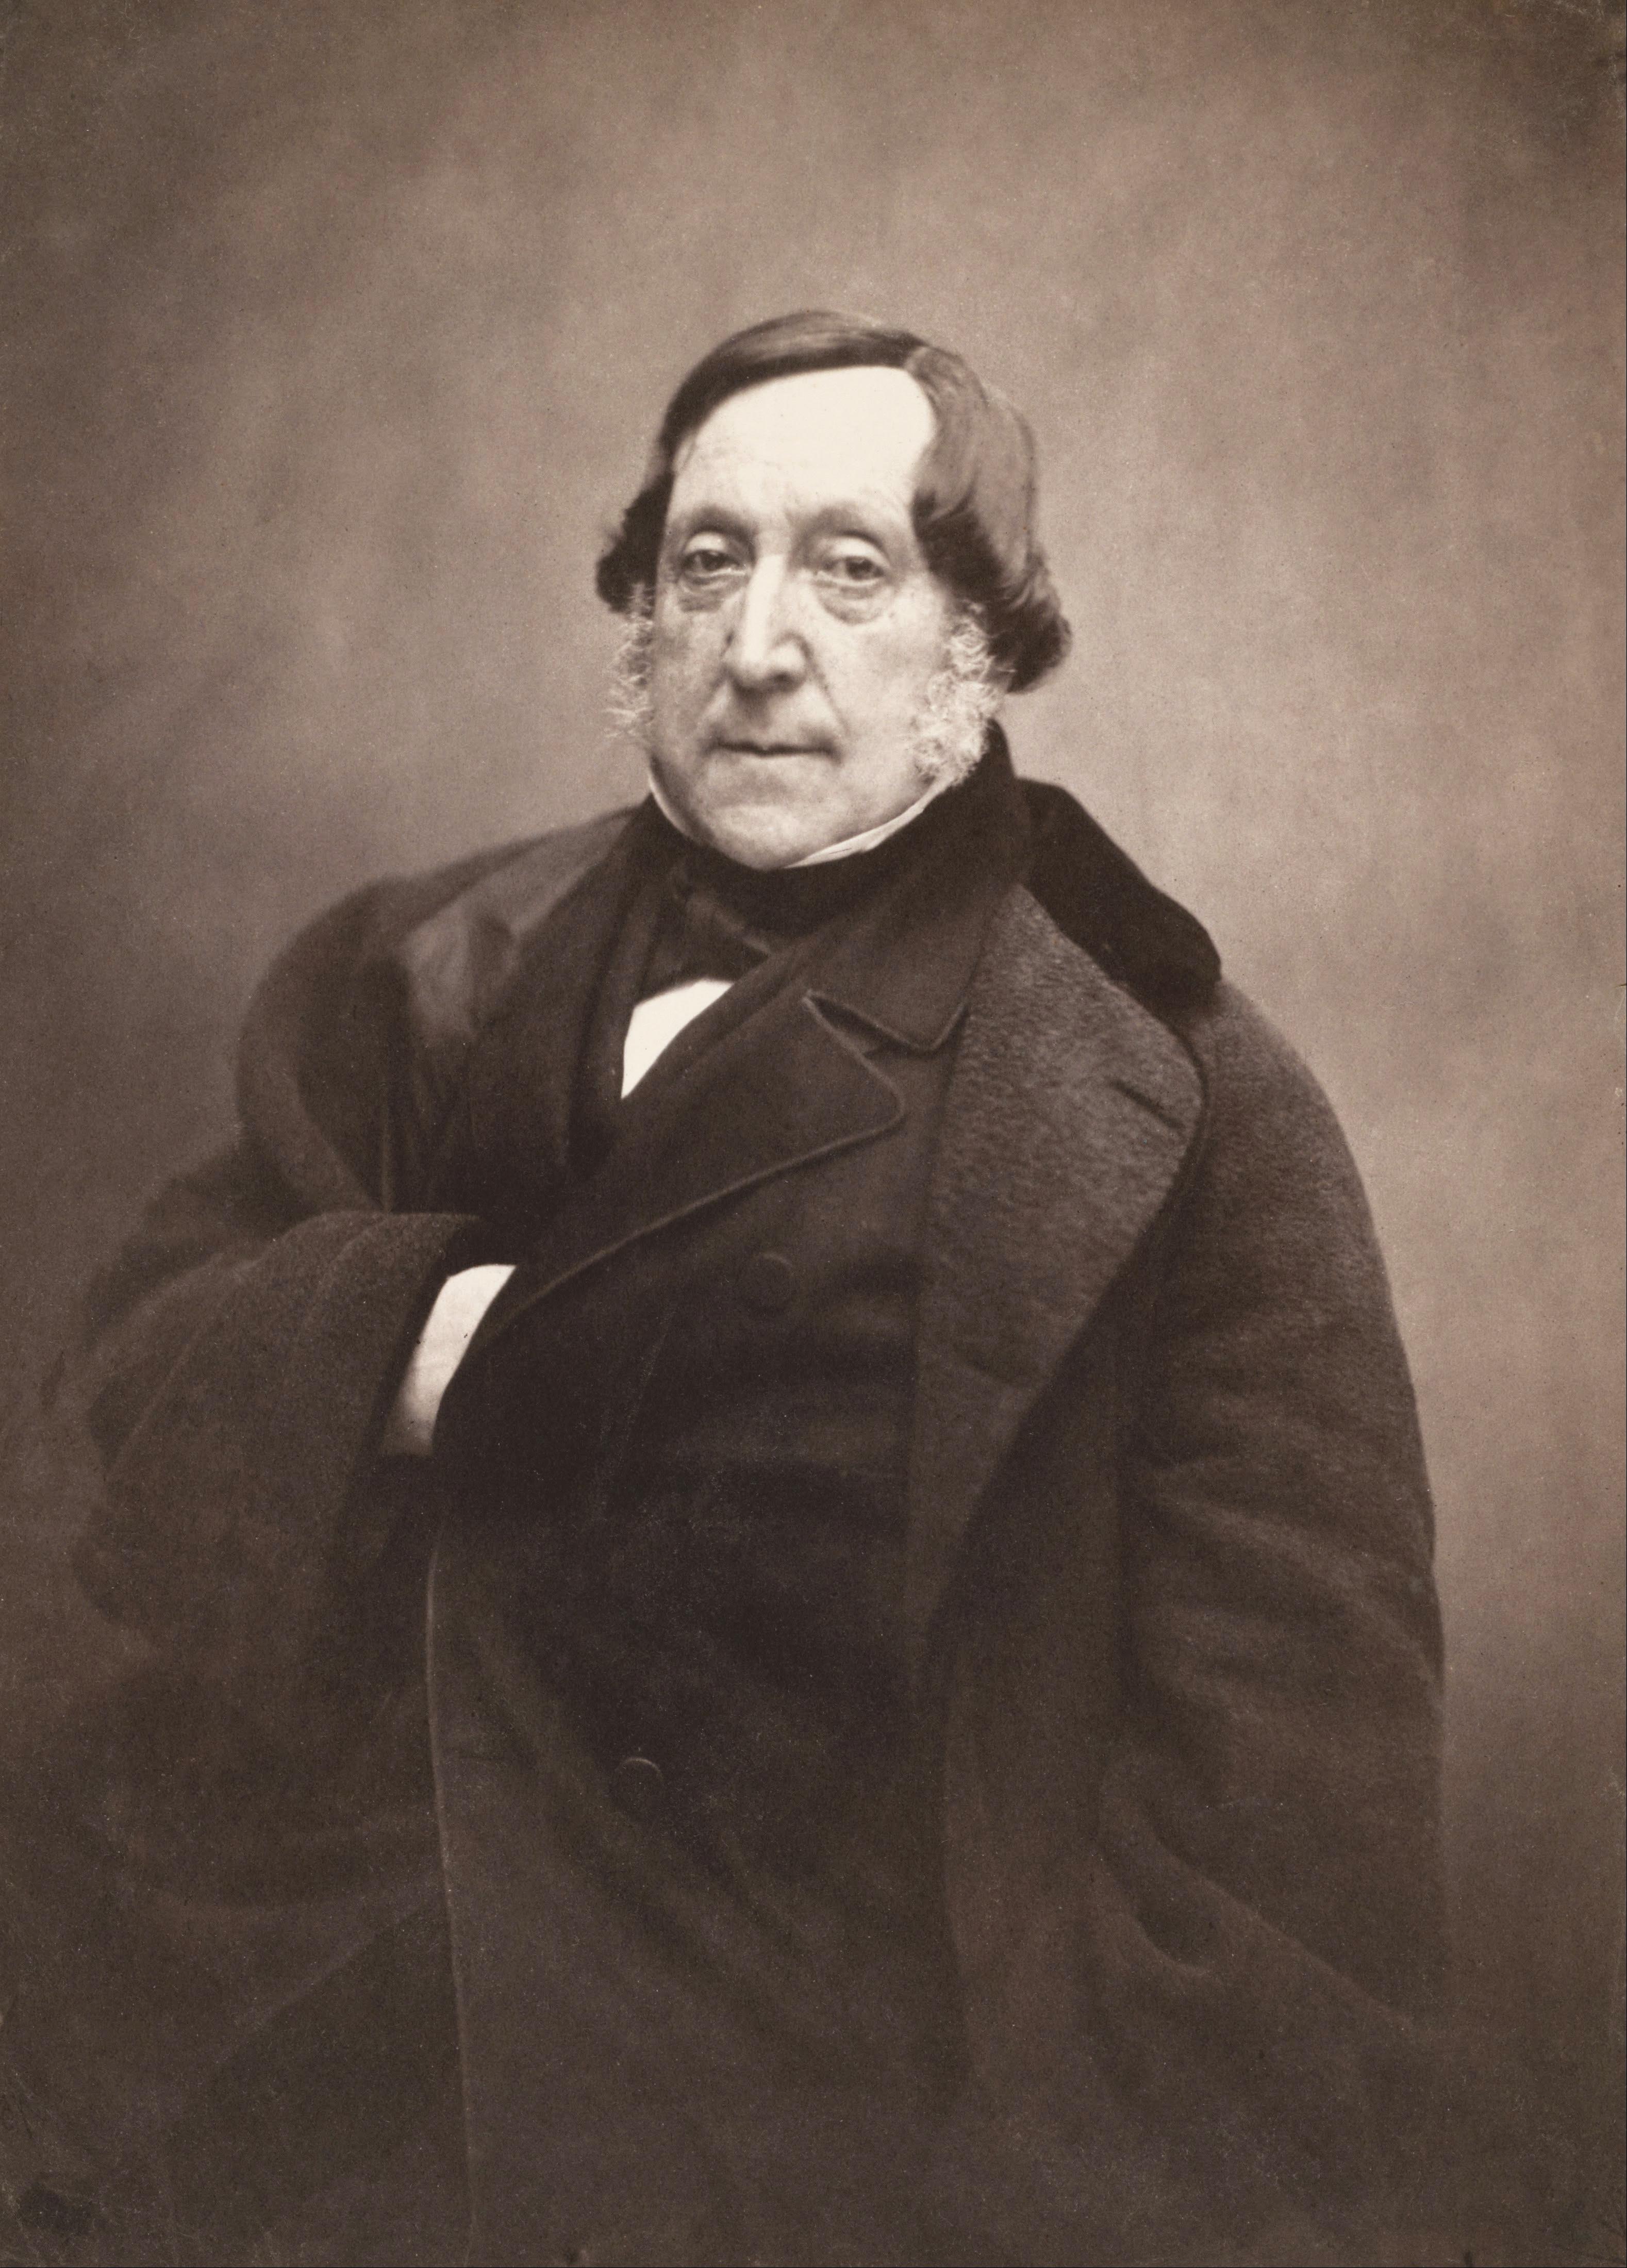 Rossini fotografado por Félix Nadar em torno de 1856.